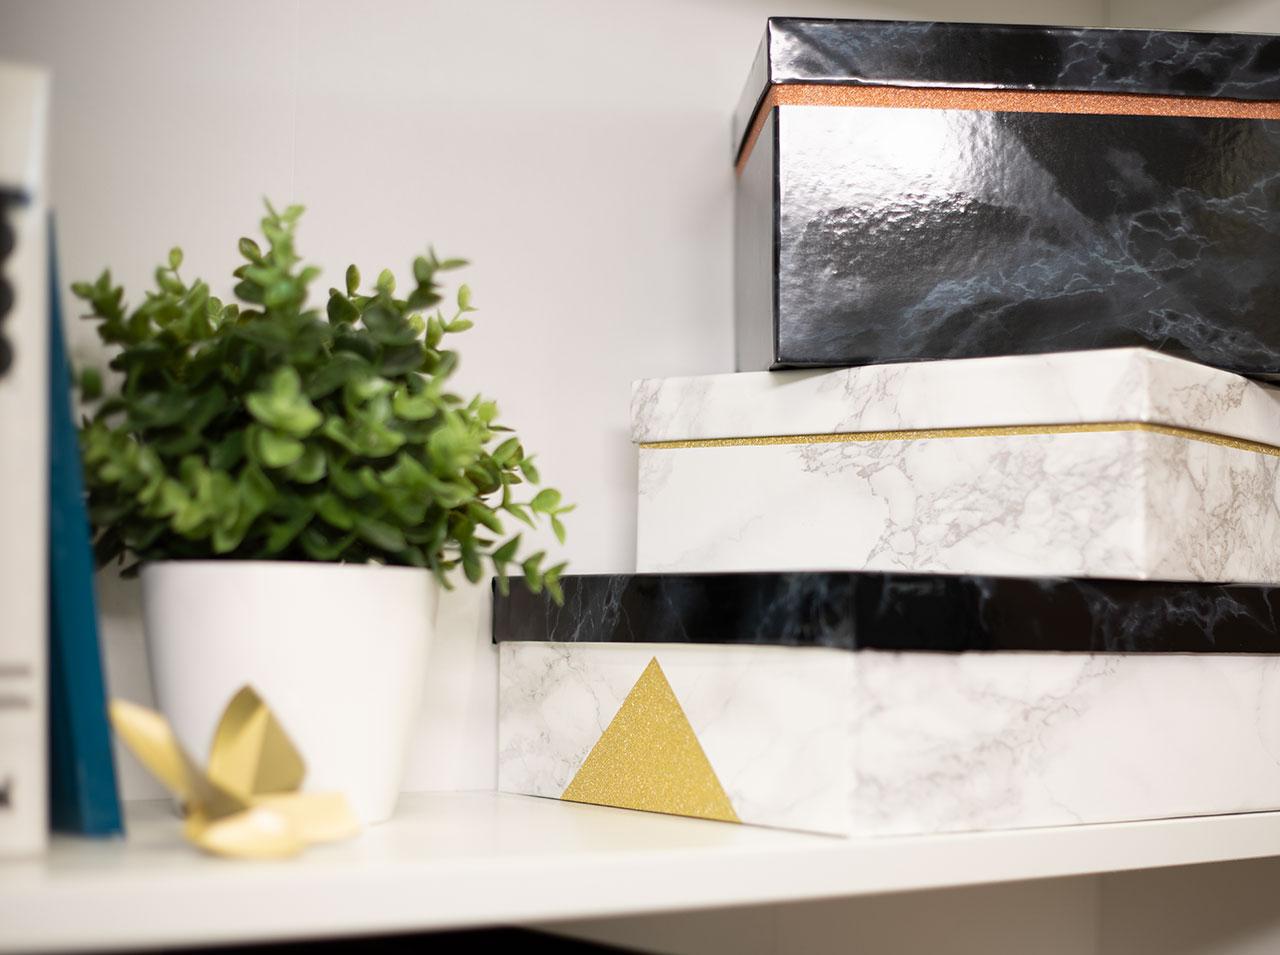 Krabičky v moderním mramorovém stylu